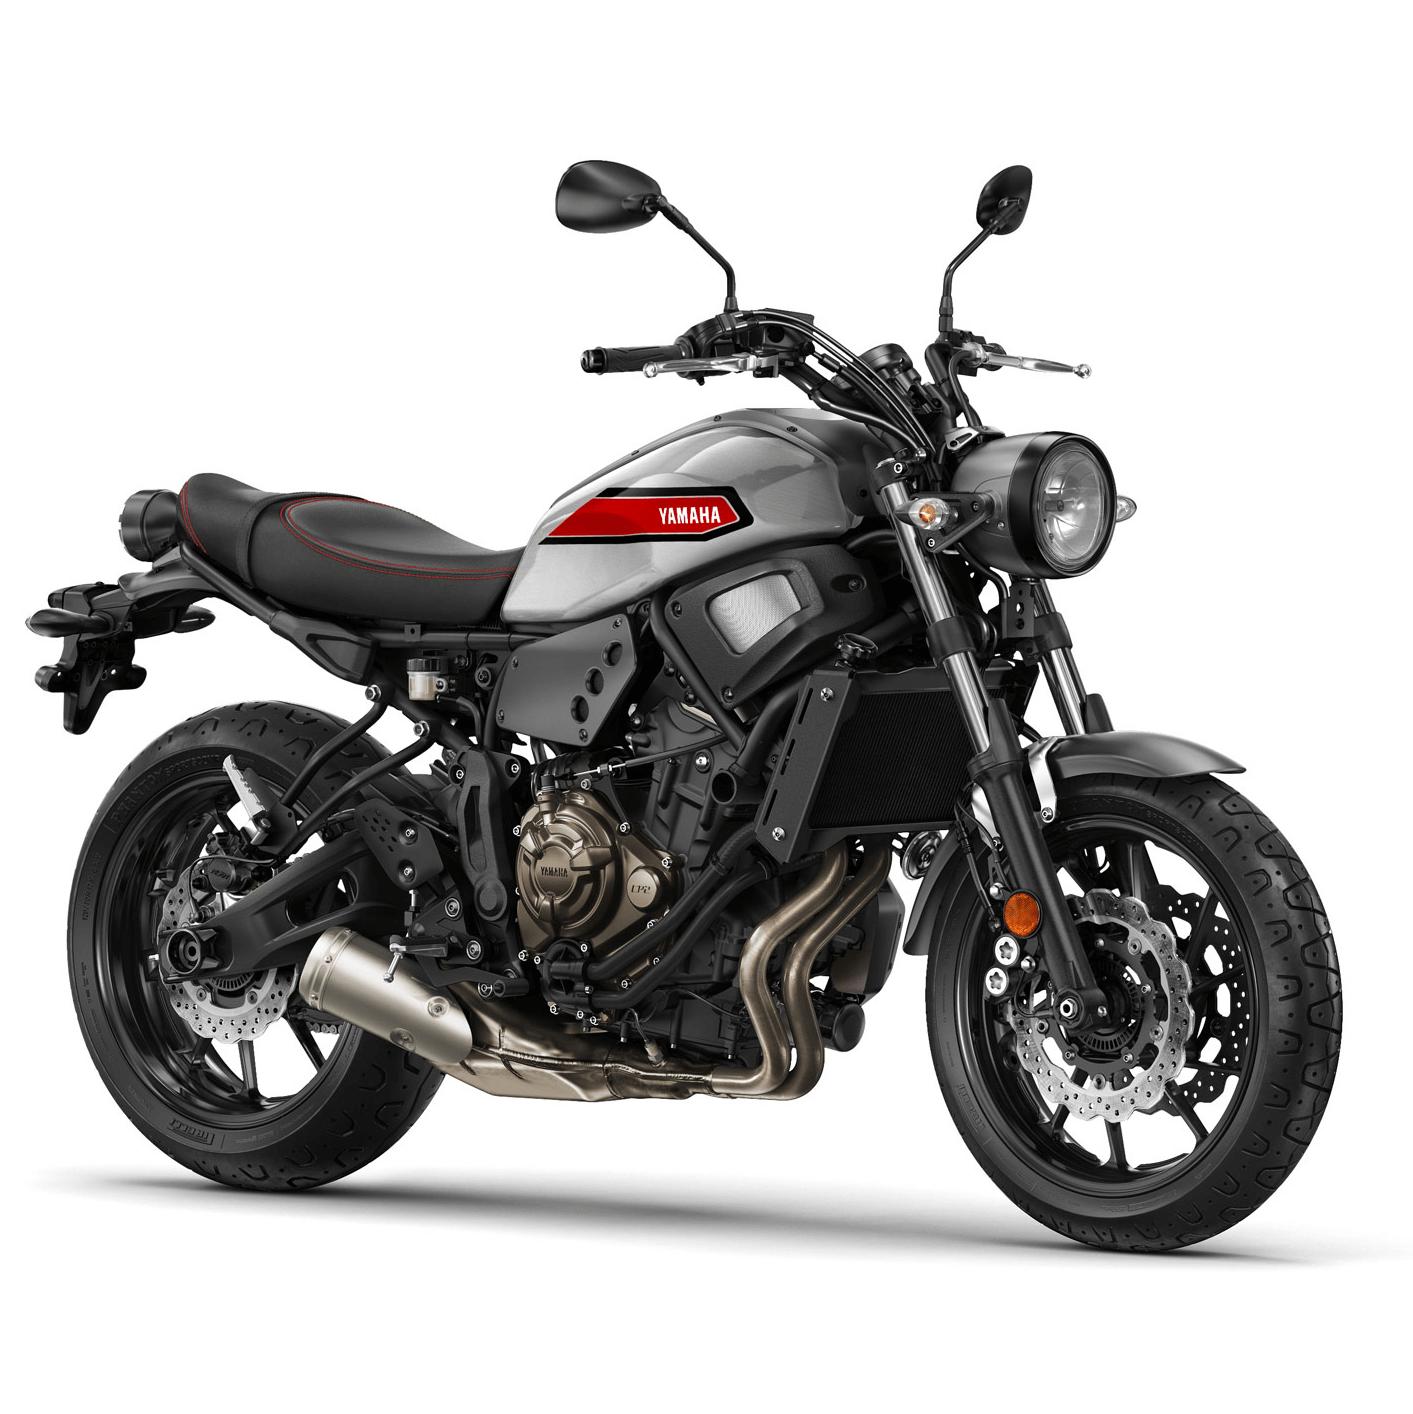 Yamaha Xsr 700 2019 Canary Ride